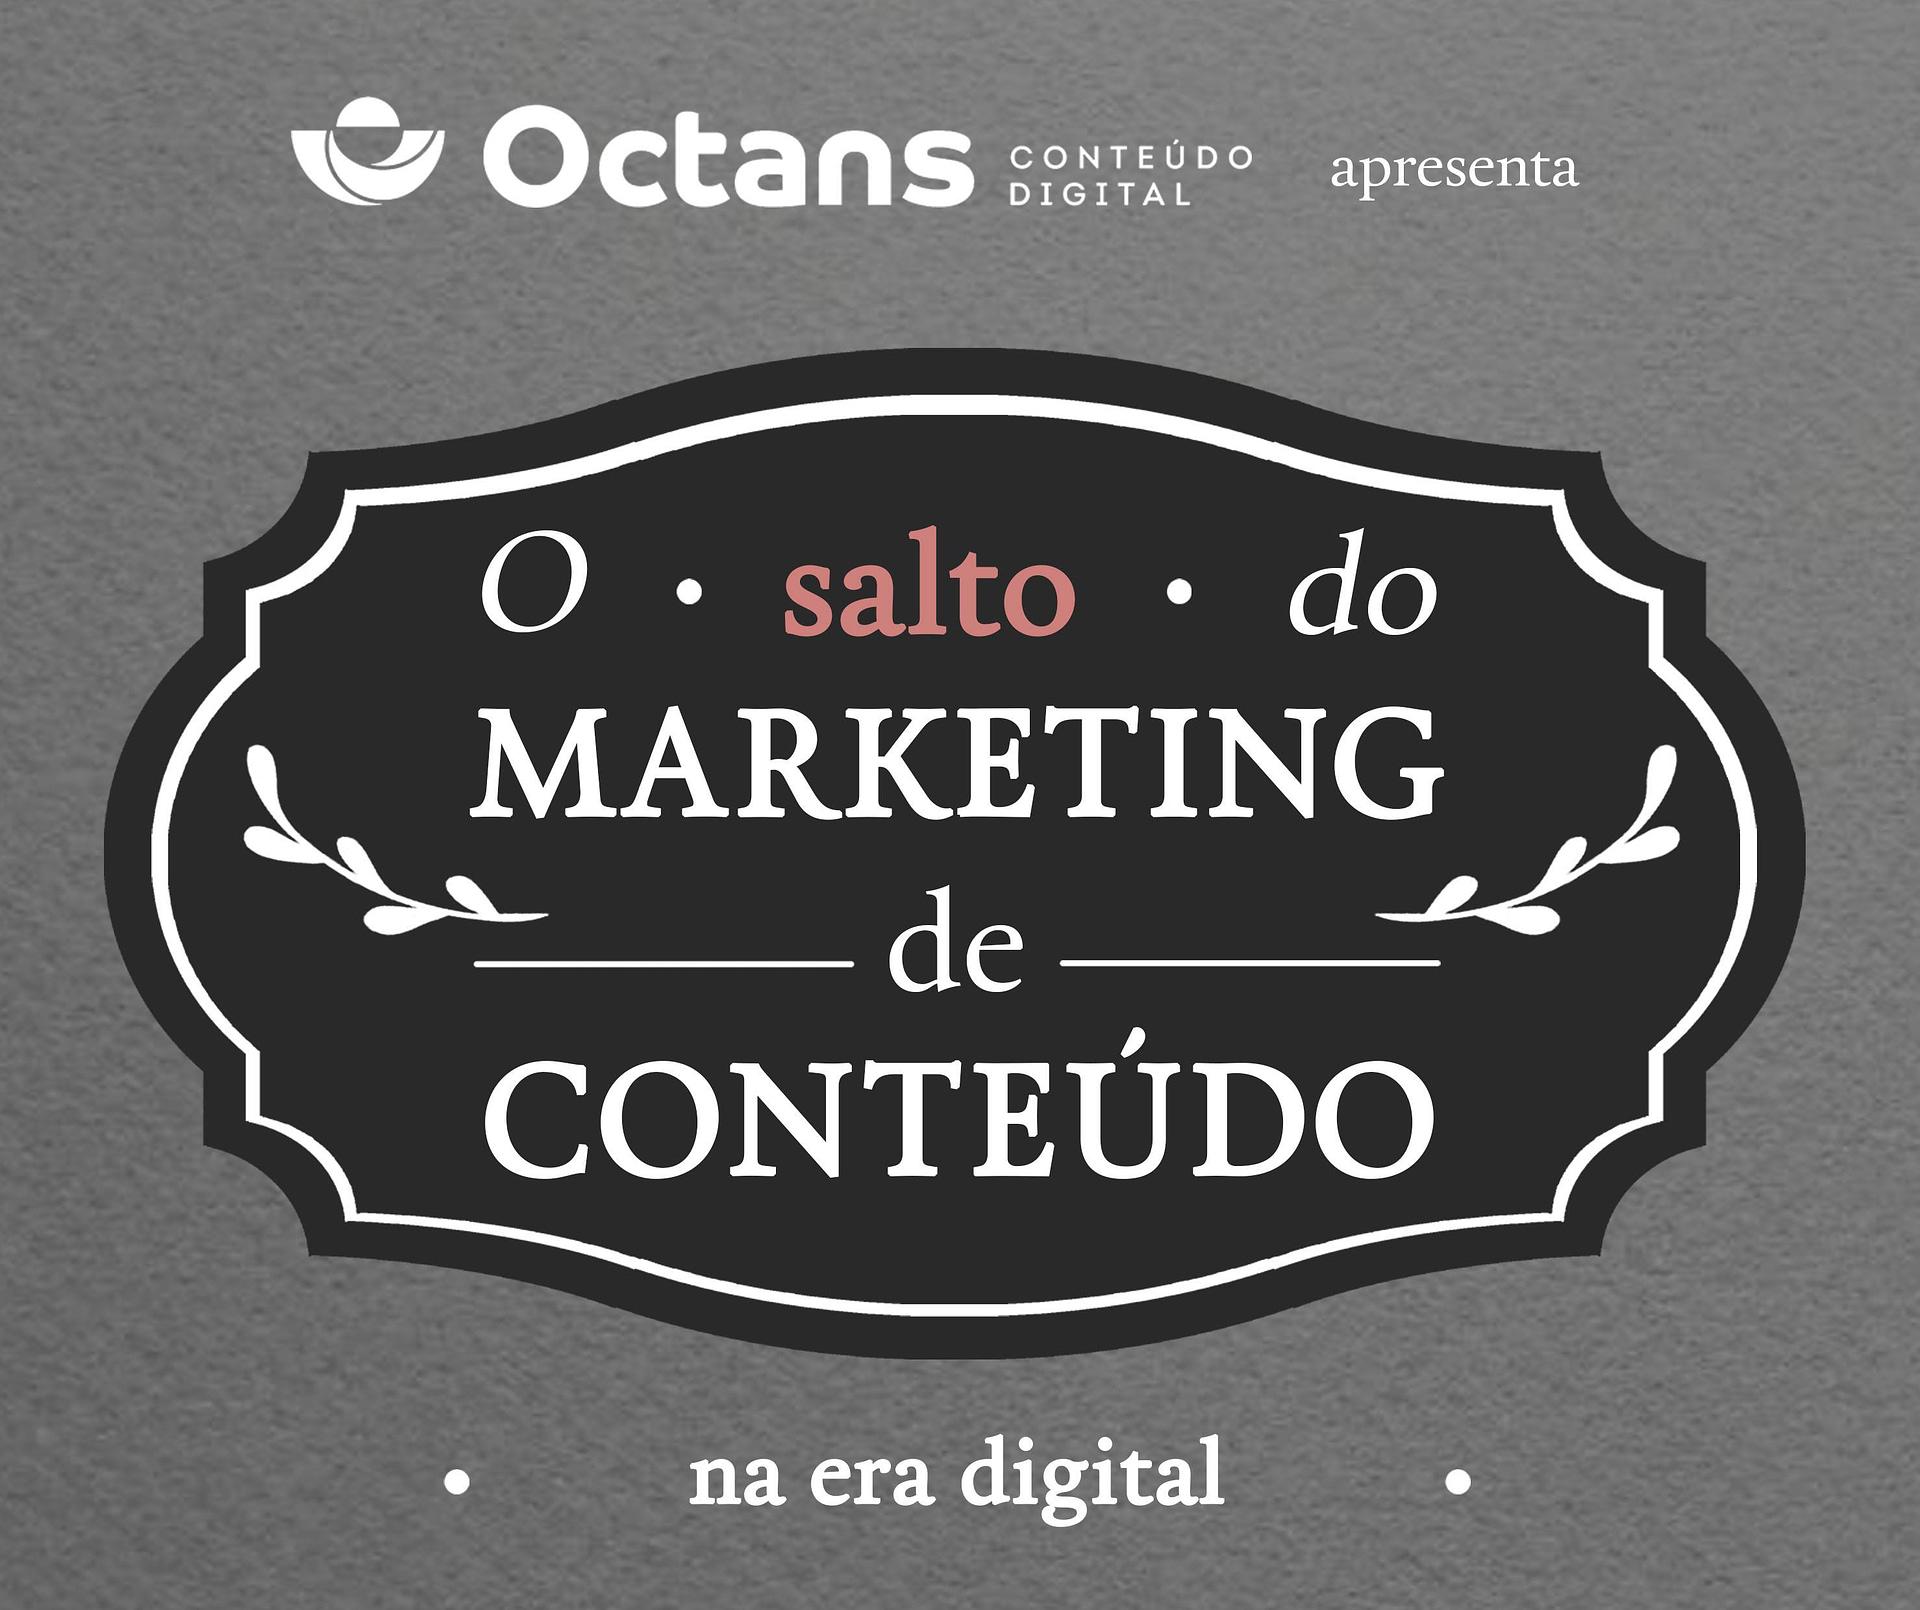 marketing de conteudo na era digital